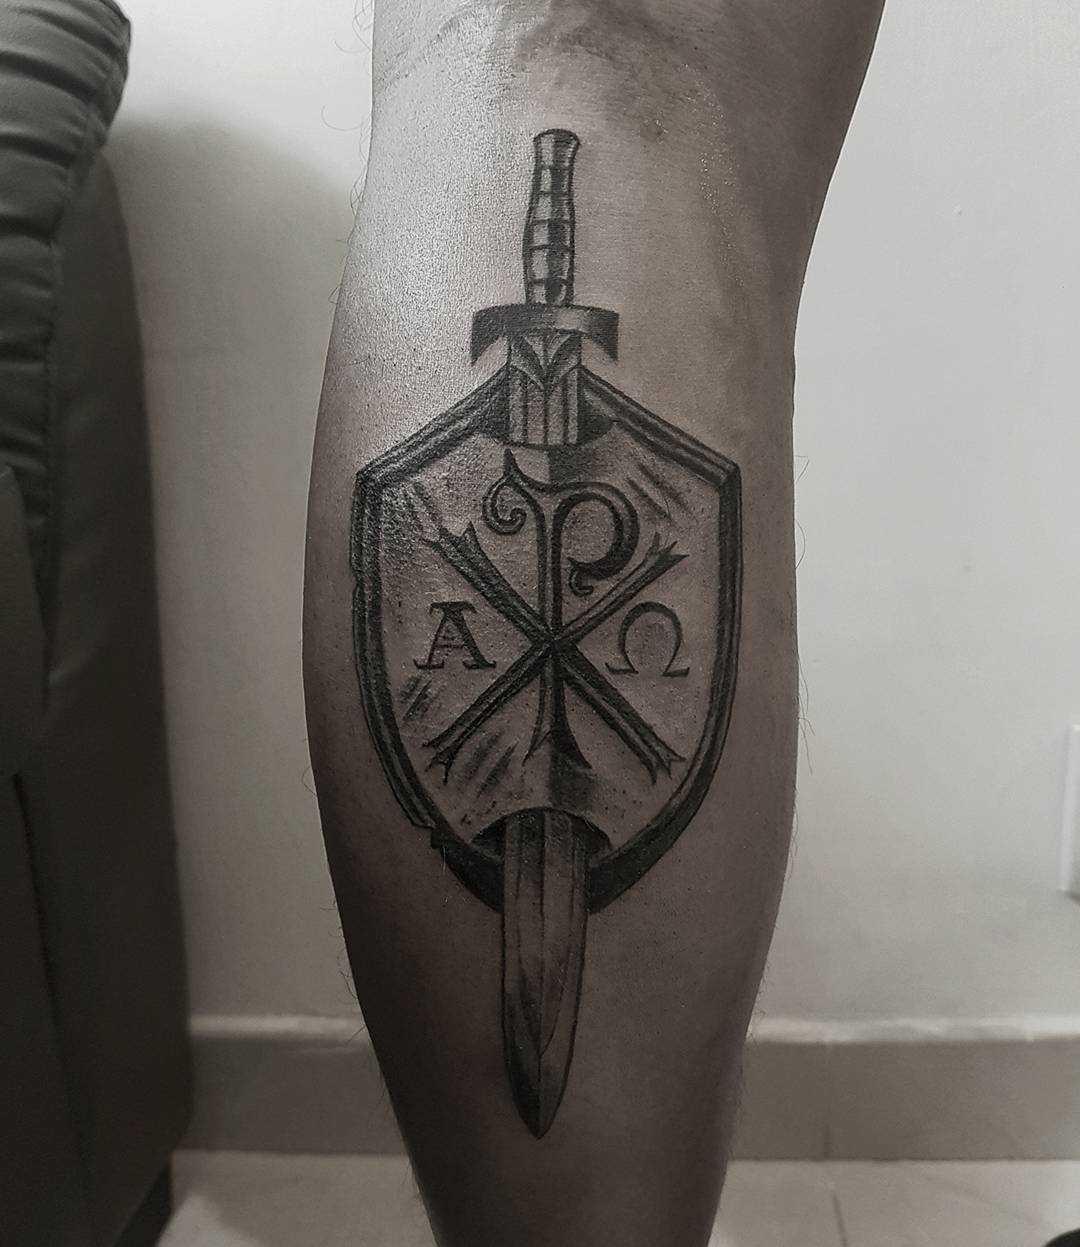 A tatuagem do escudo com a espada na perna do cara